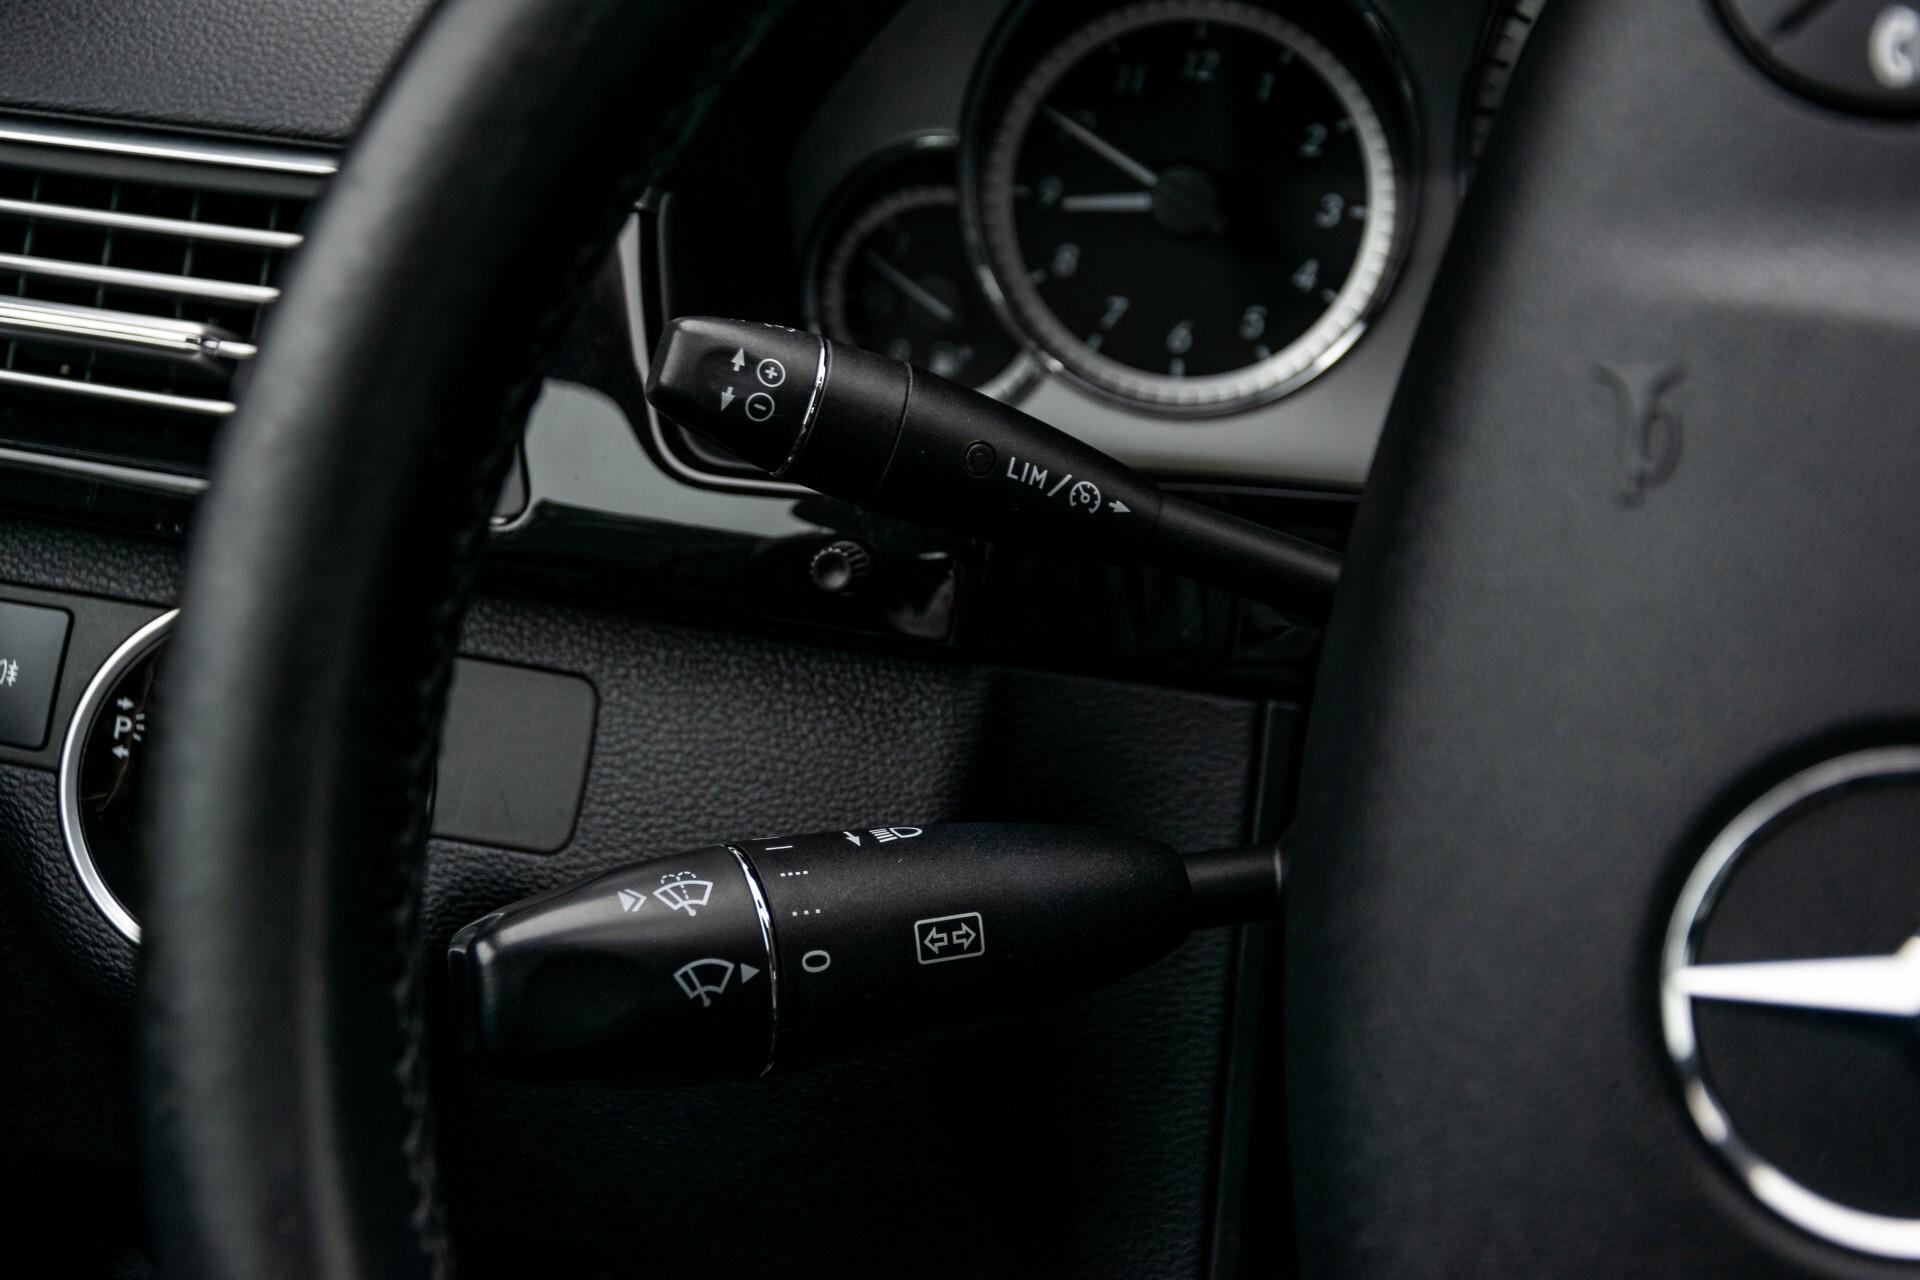 Mercedes-Benz E-Klasse 200 CGI Avantgarde Busines Class Aut5 Foto 10